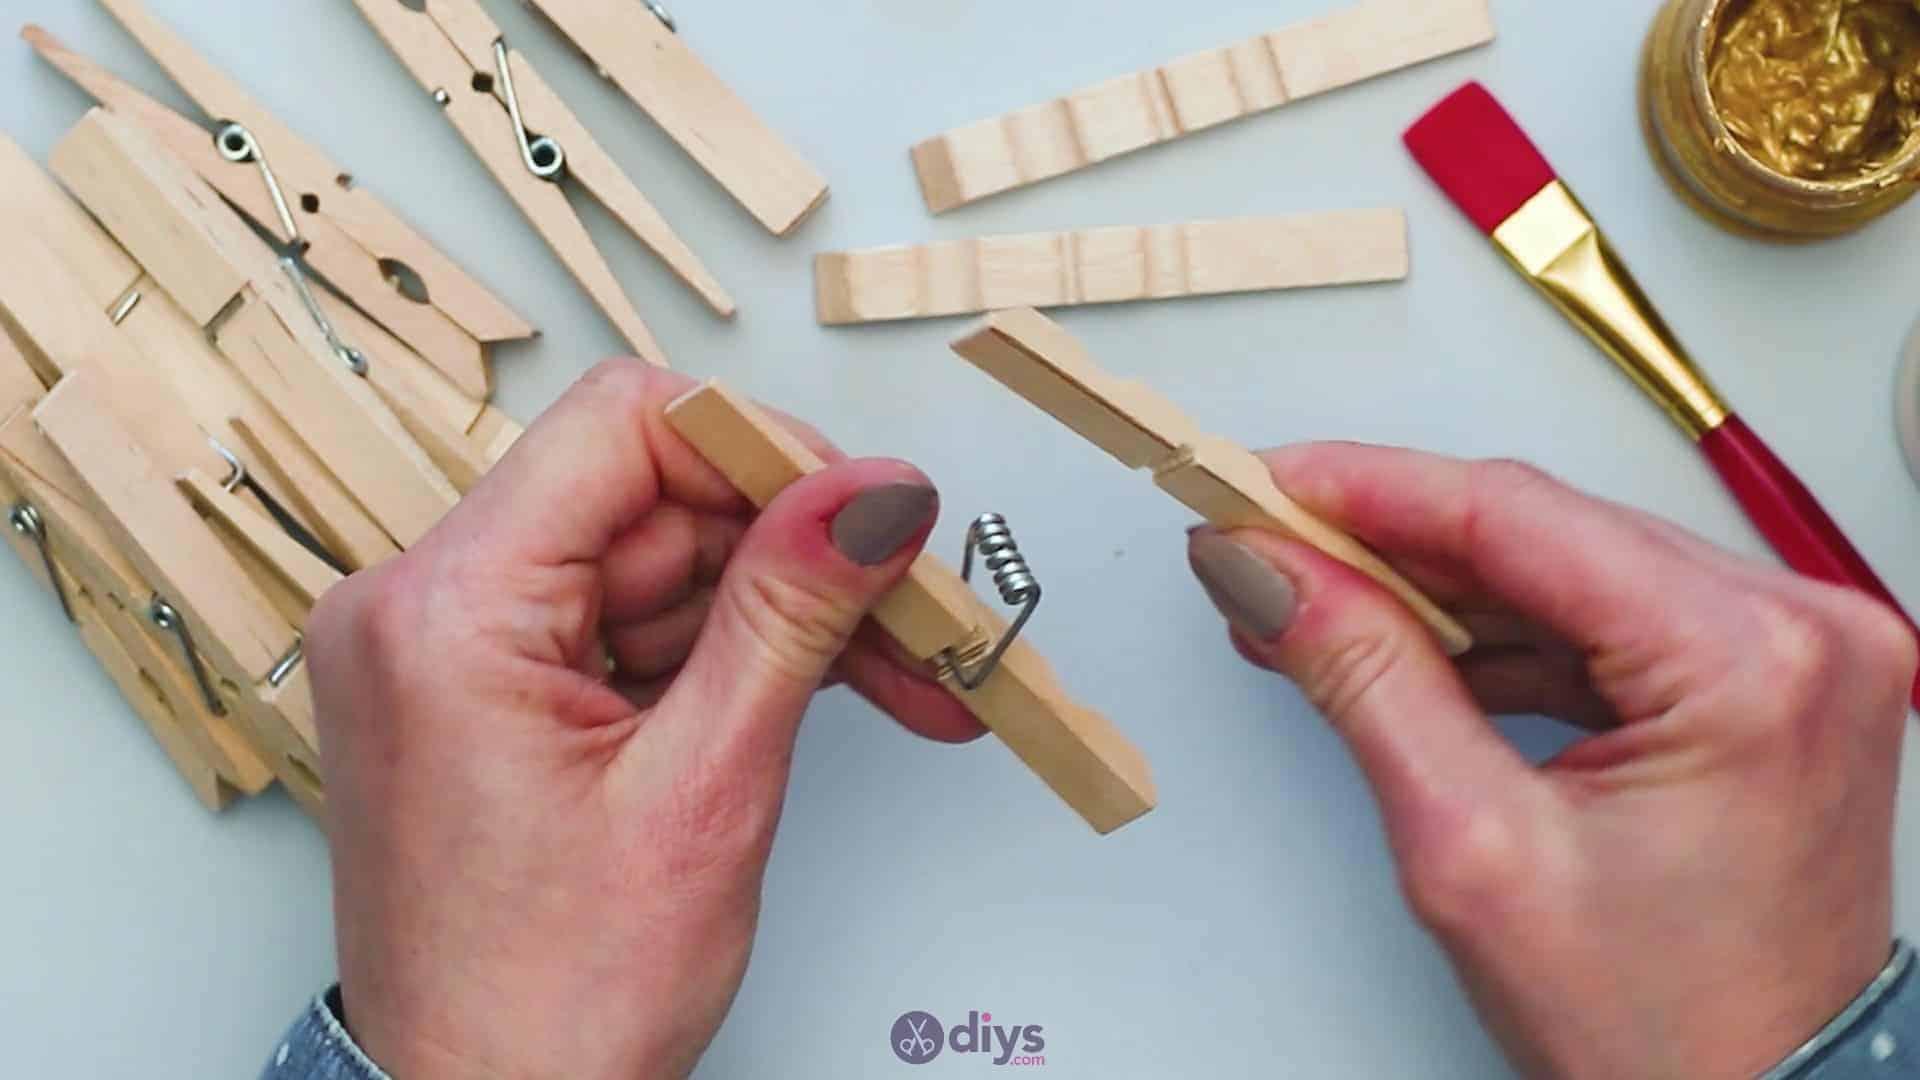 Diy clothespin art step 1d